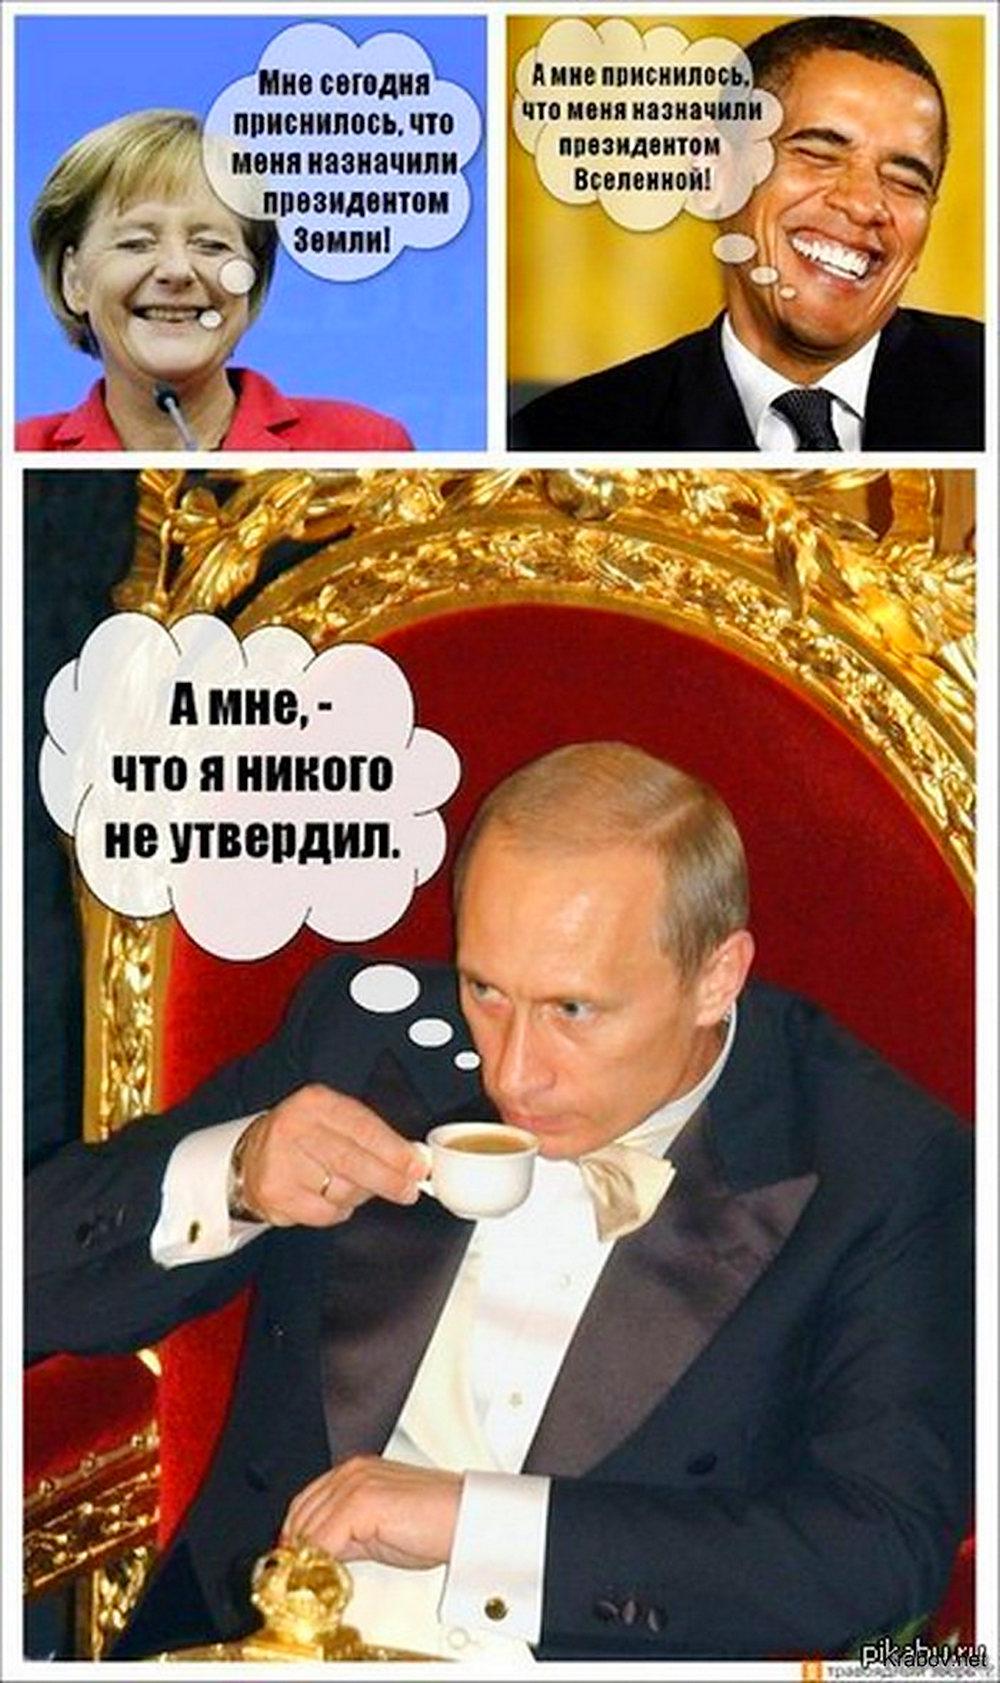 Приколы с президентами картинки, поздравления